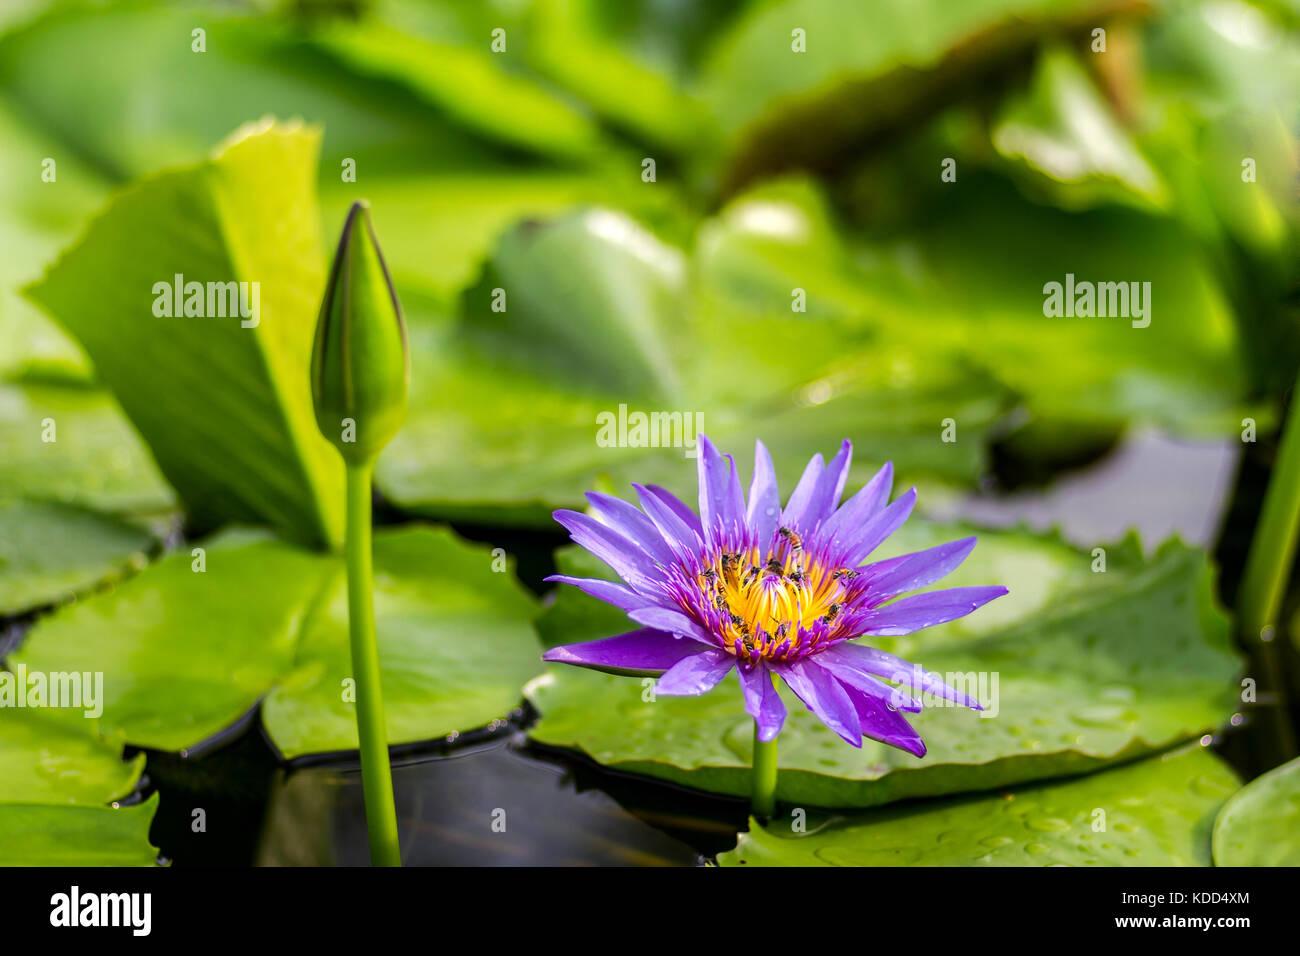 Water Lotus Pond Flowers Rain Stock Photos & Water Lotus